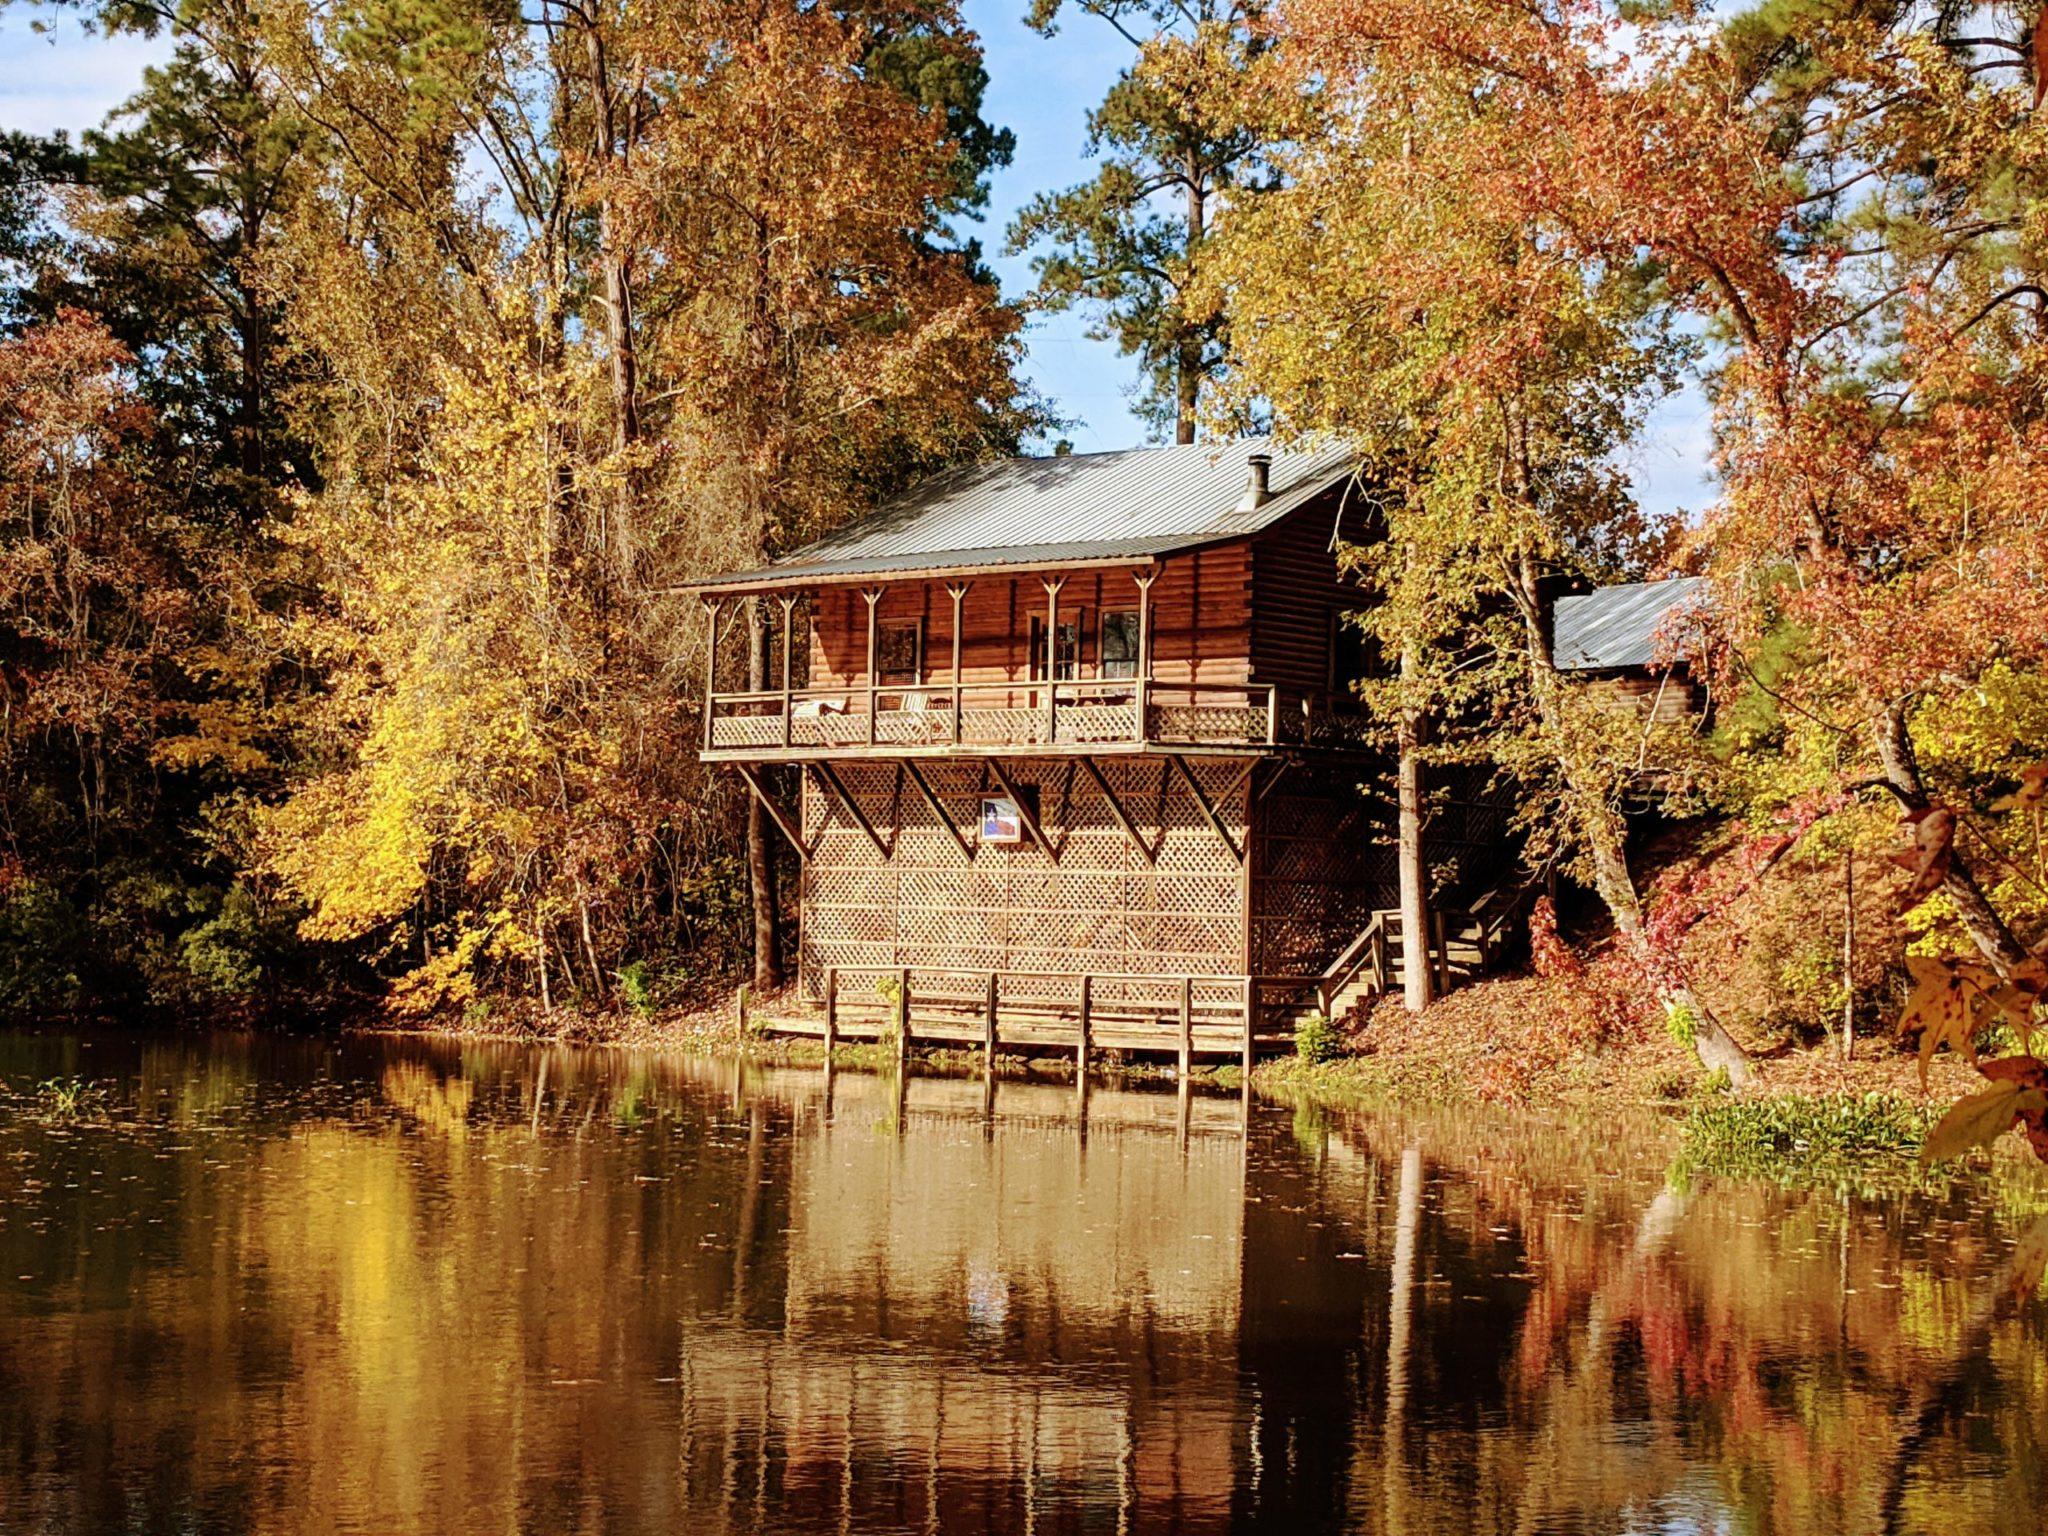 Lonestar log cabin